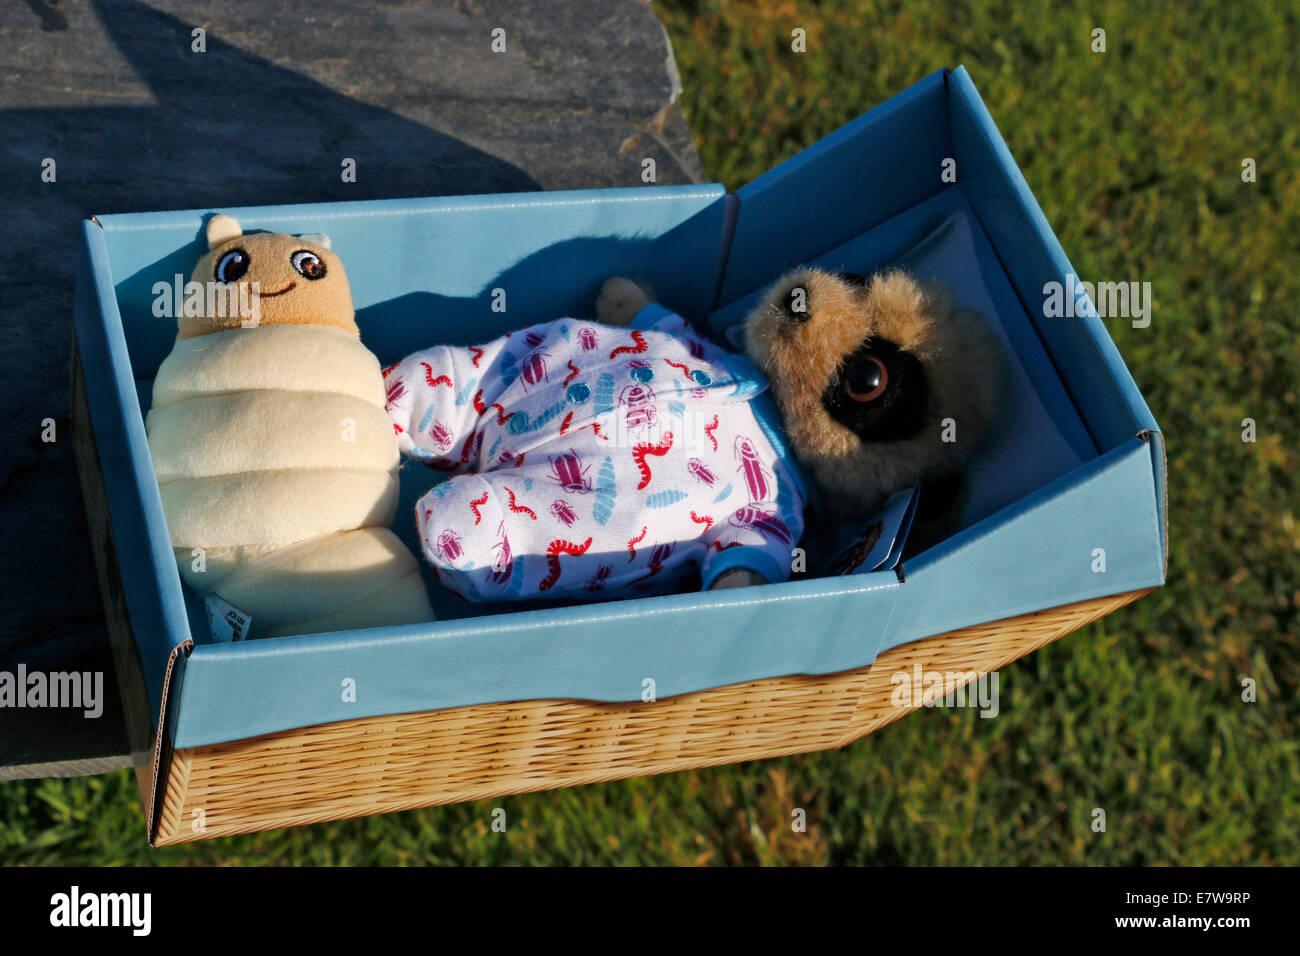 Meerkat Toy Stock Photos & Meerkat Toy Stock Images - Alamy